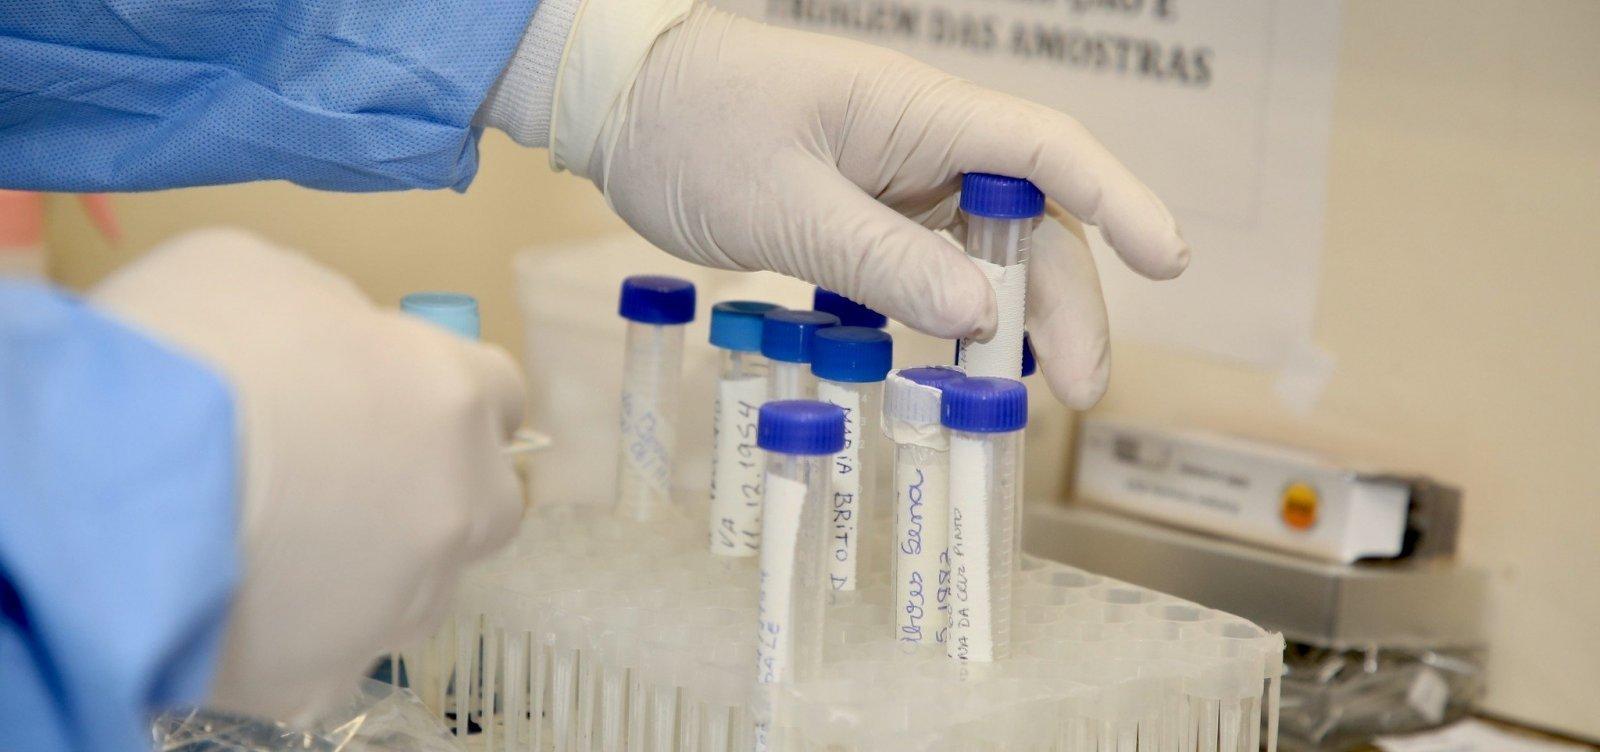 [Vacina de Oxford contra coronavírus começa a ser testada no Brasil]